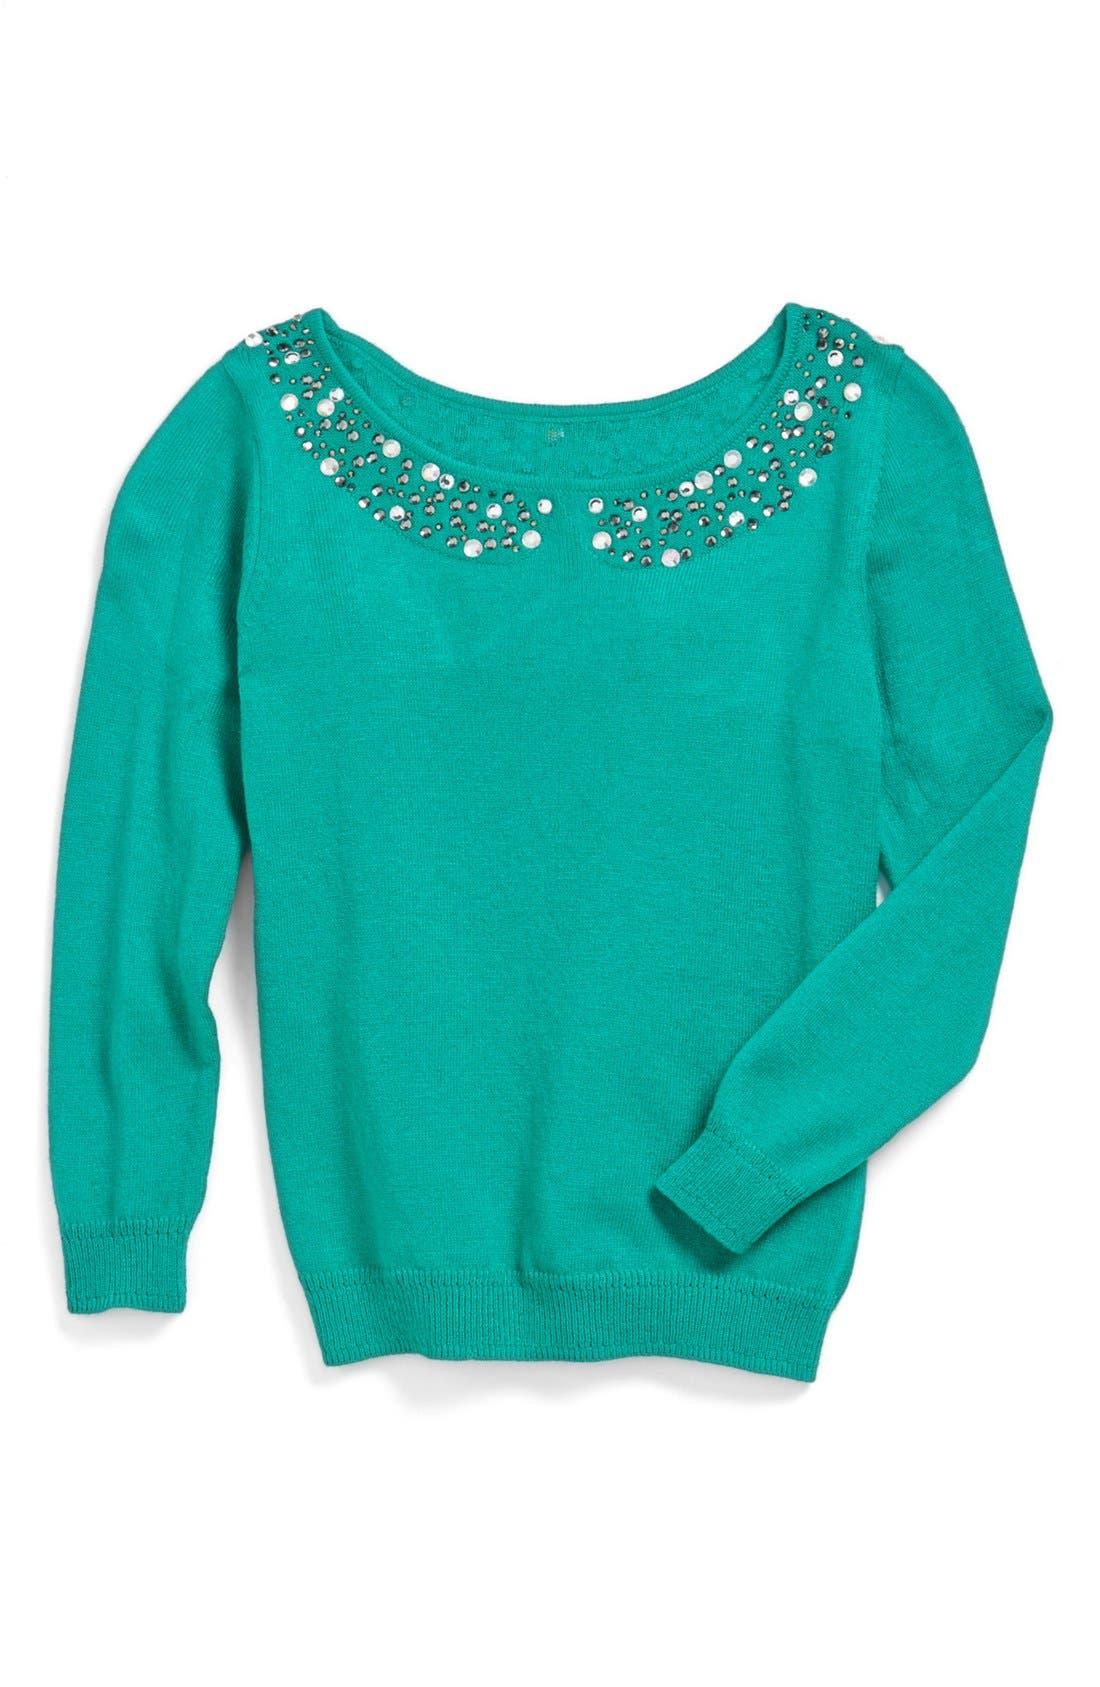 Main Image - Milly Minis Rhinestone Collar Sweater (Toddler Girls, Little Girls & Big Girls)